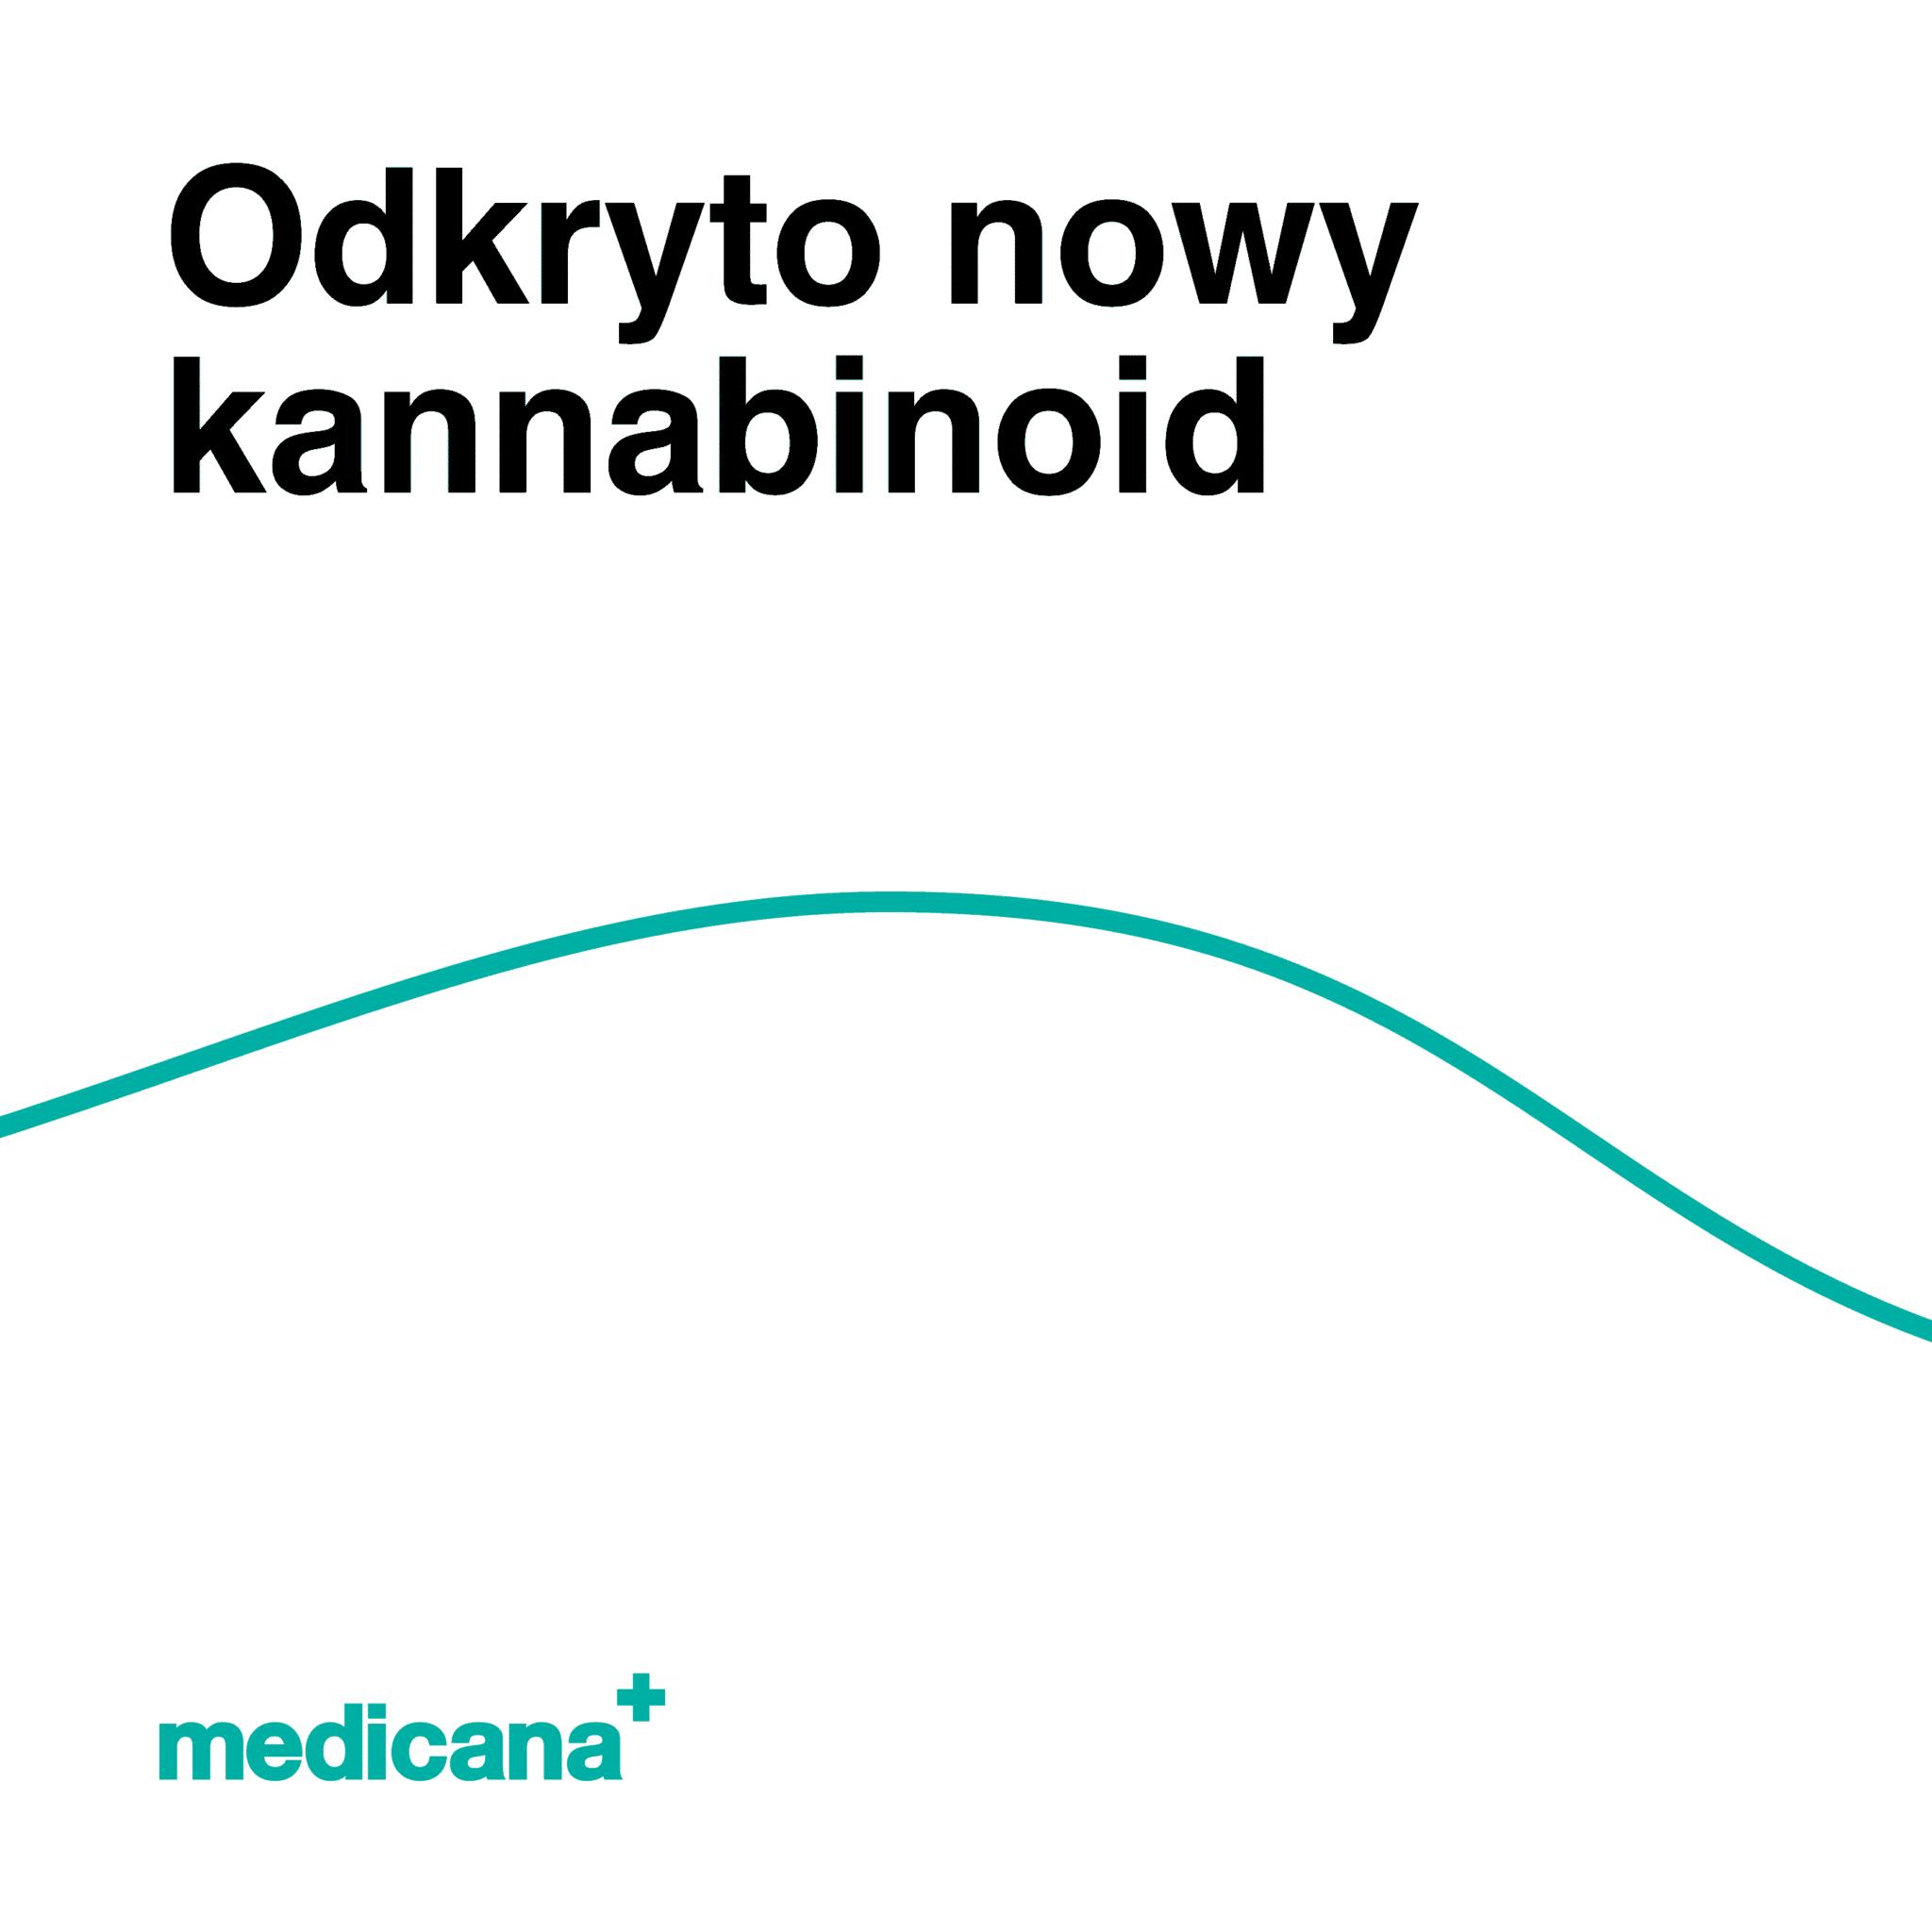 Grafika, białe tło z zieloną linią, czarnym napisem Odkryto nowy kannabinoid oraz zielonym logo Medicana w lewym dolnym rogu.